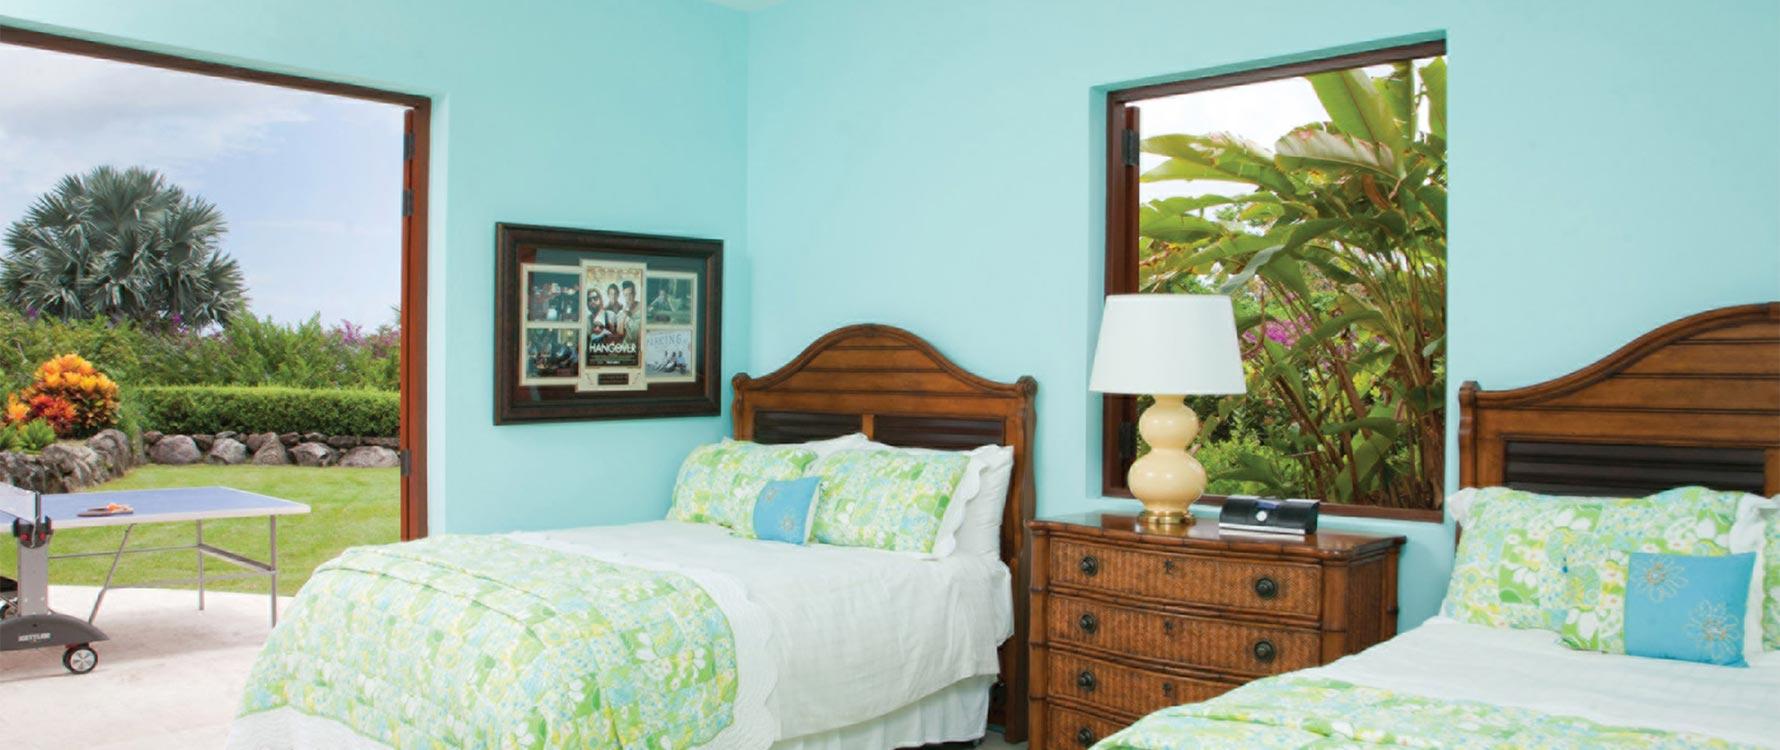 Lower double bedroom